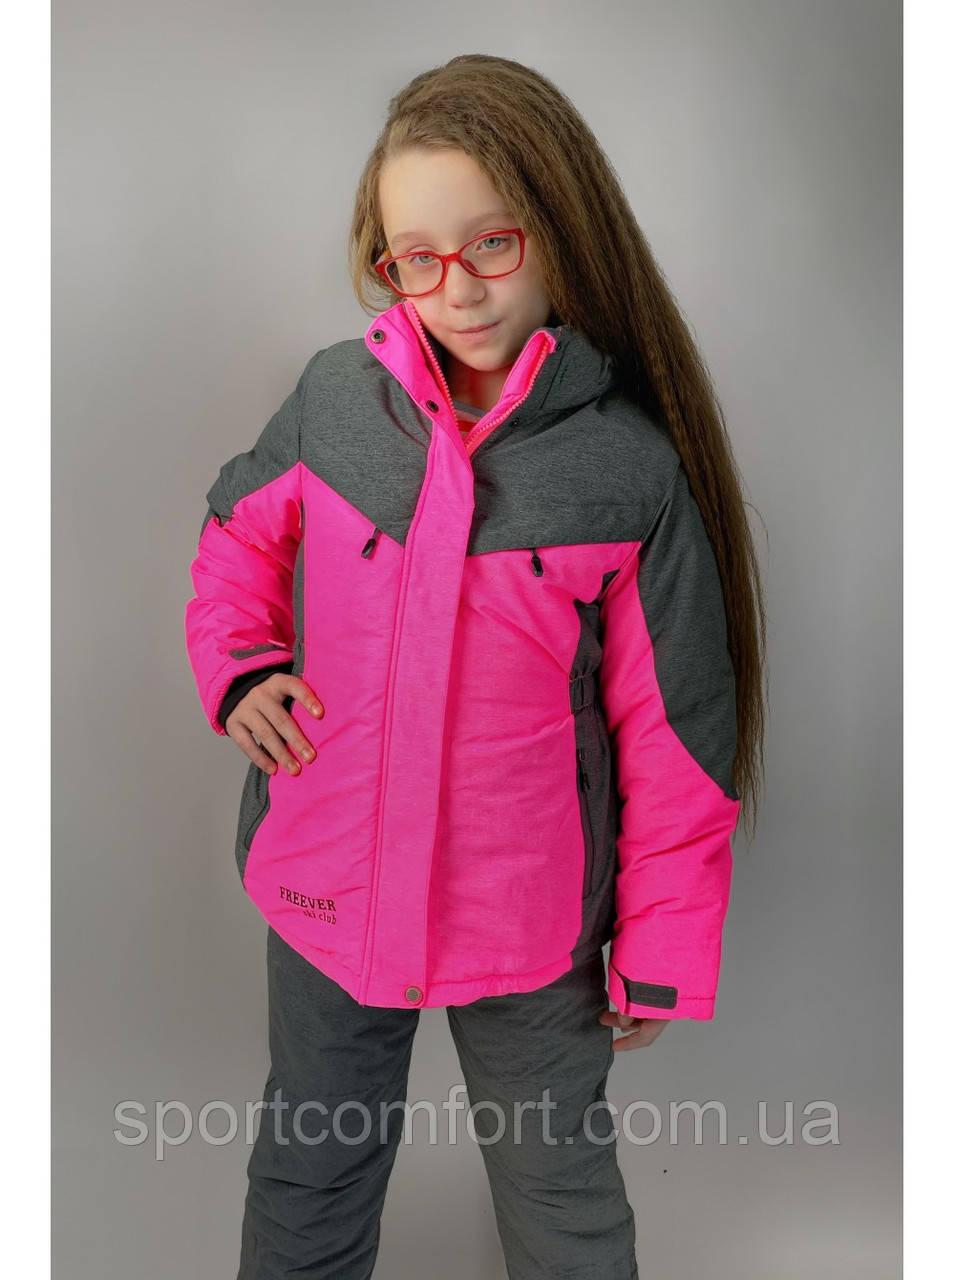 Дитячий лижний костюм Freever для дівчаток